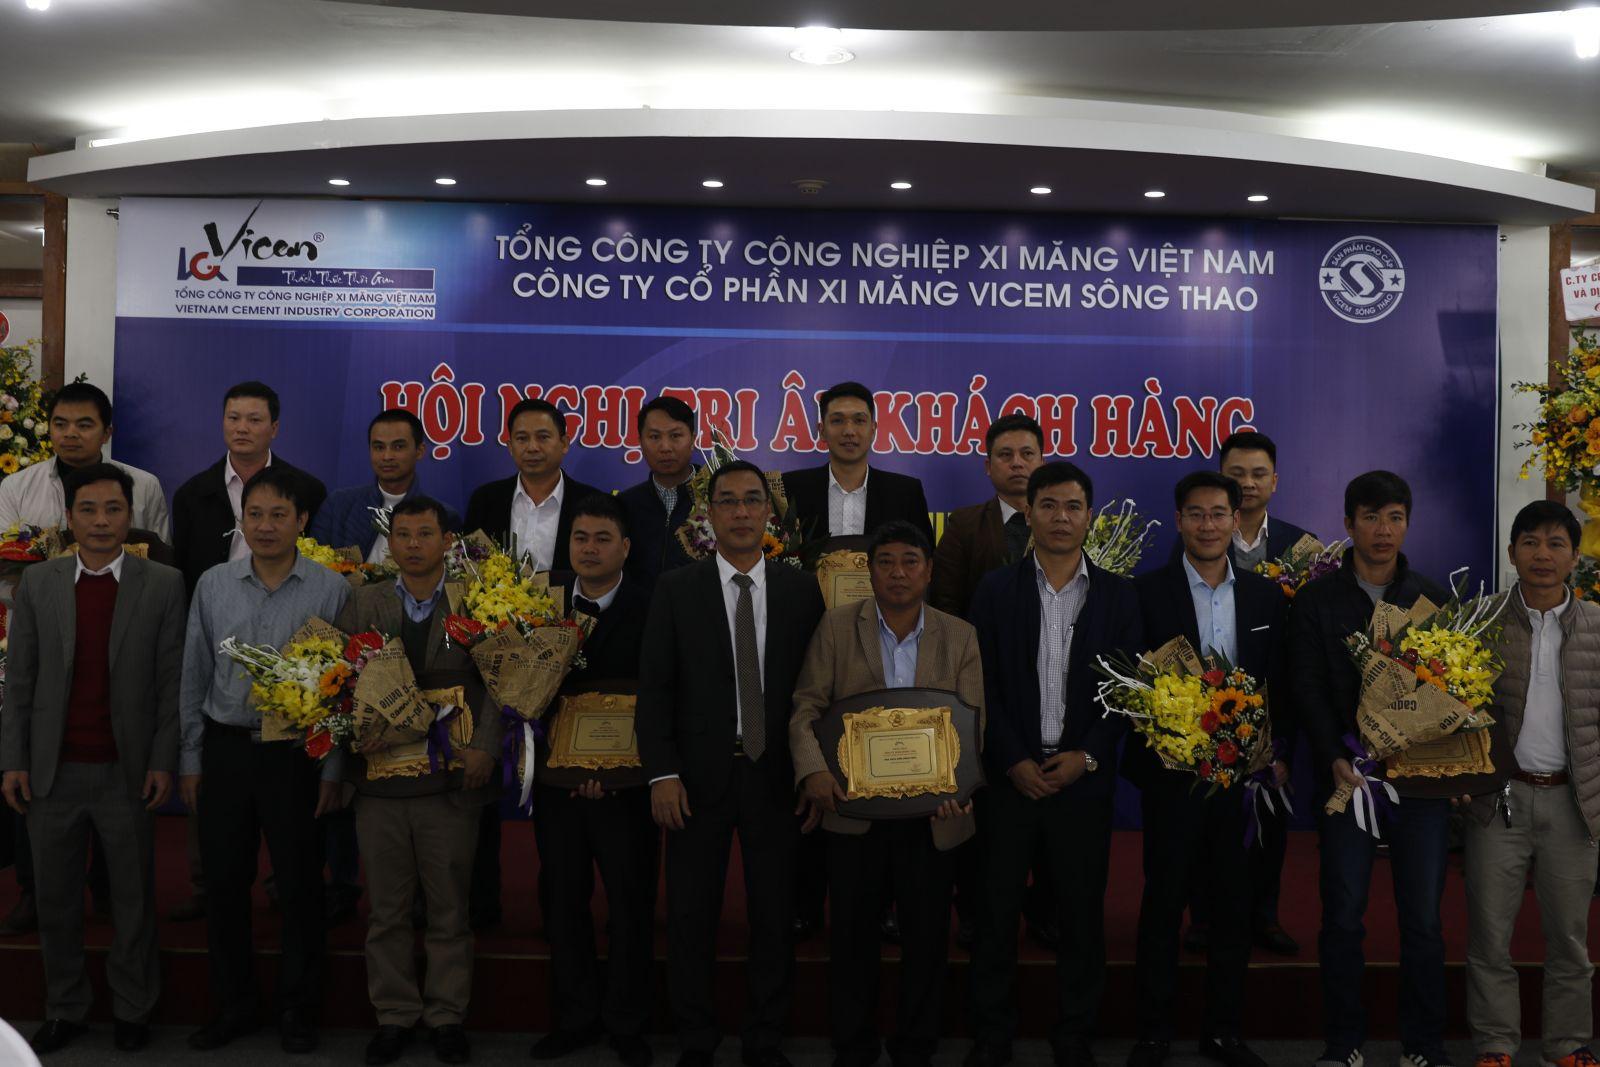 Tổ chức thành công Hội nghị tri ân khách hàng tổng kết công tác tiêu thụ năm 2017 và Lễ ký kết hợp đồng tiêu thụ xi măng Vicem Sông Thao năm 2018